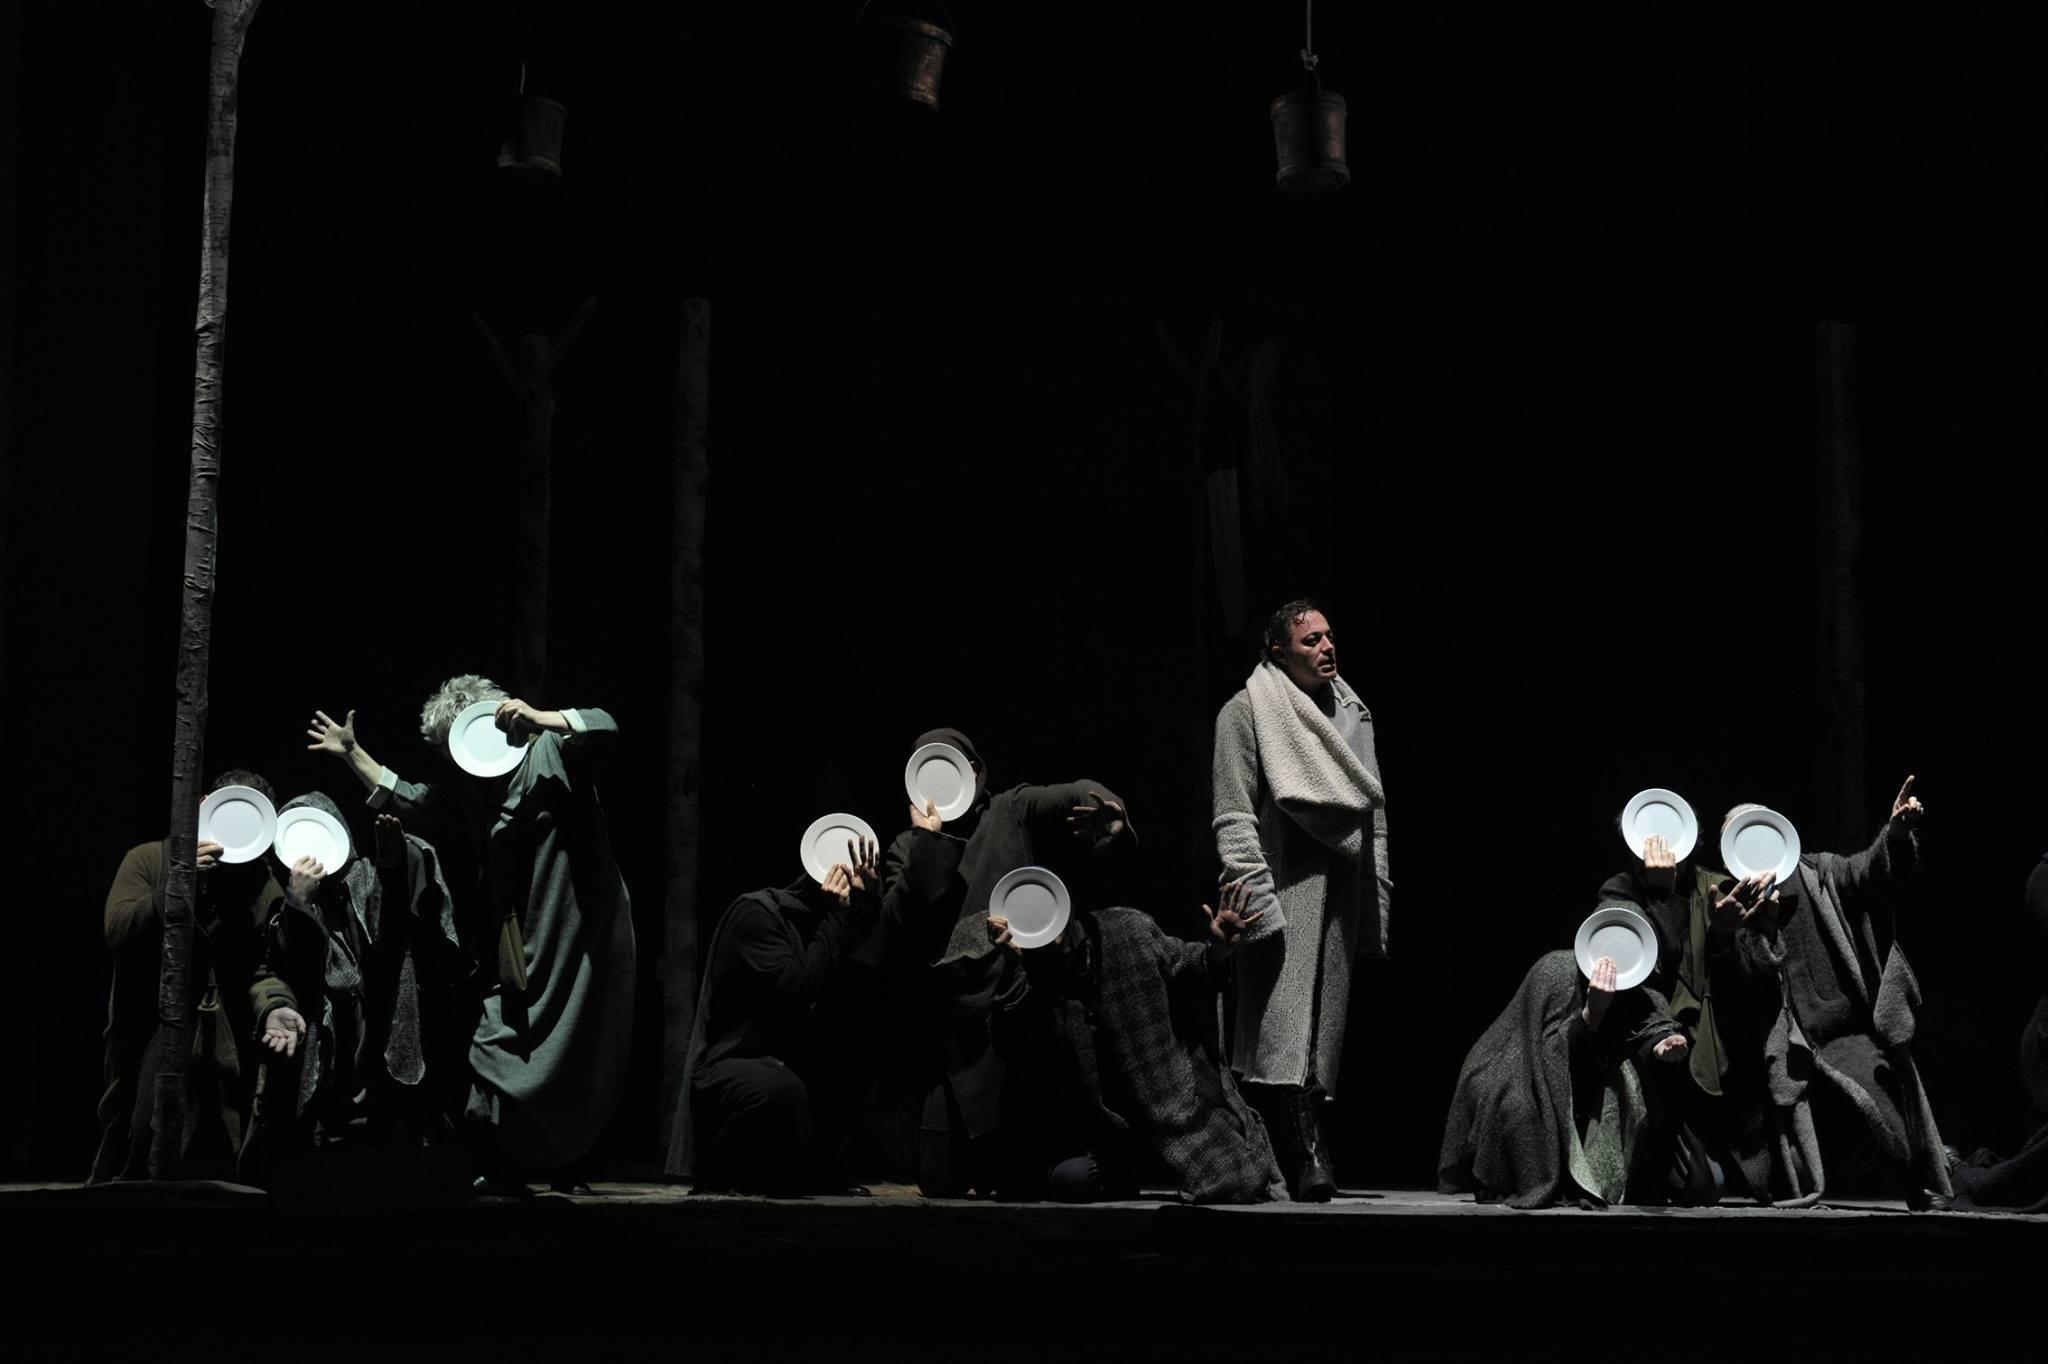 Сцена из спектакля Ревизор реж. А.Варсимашвили